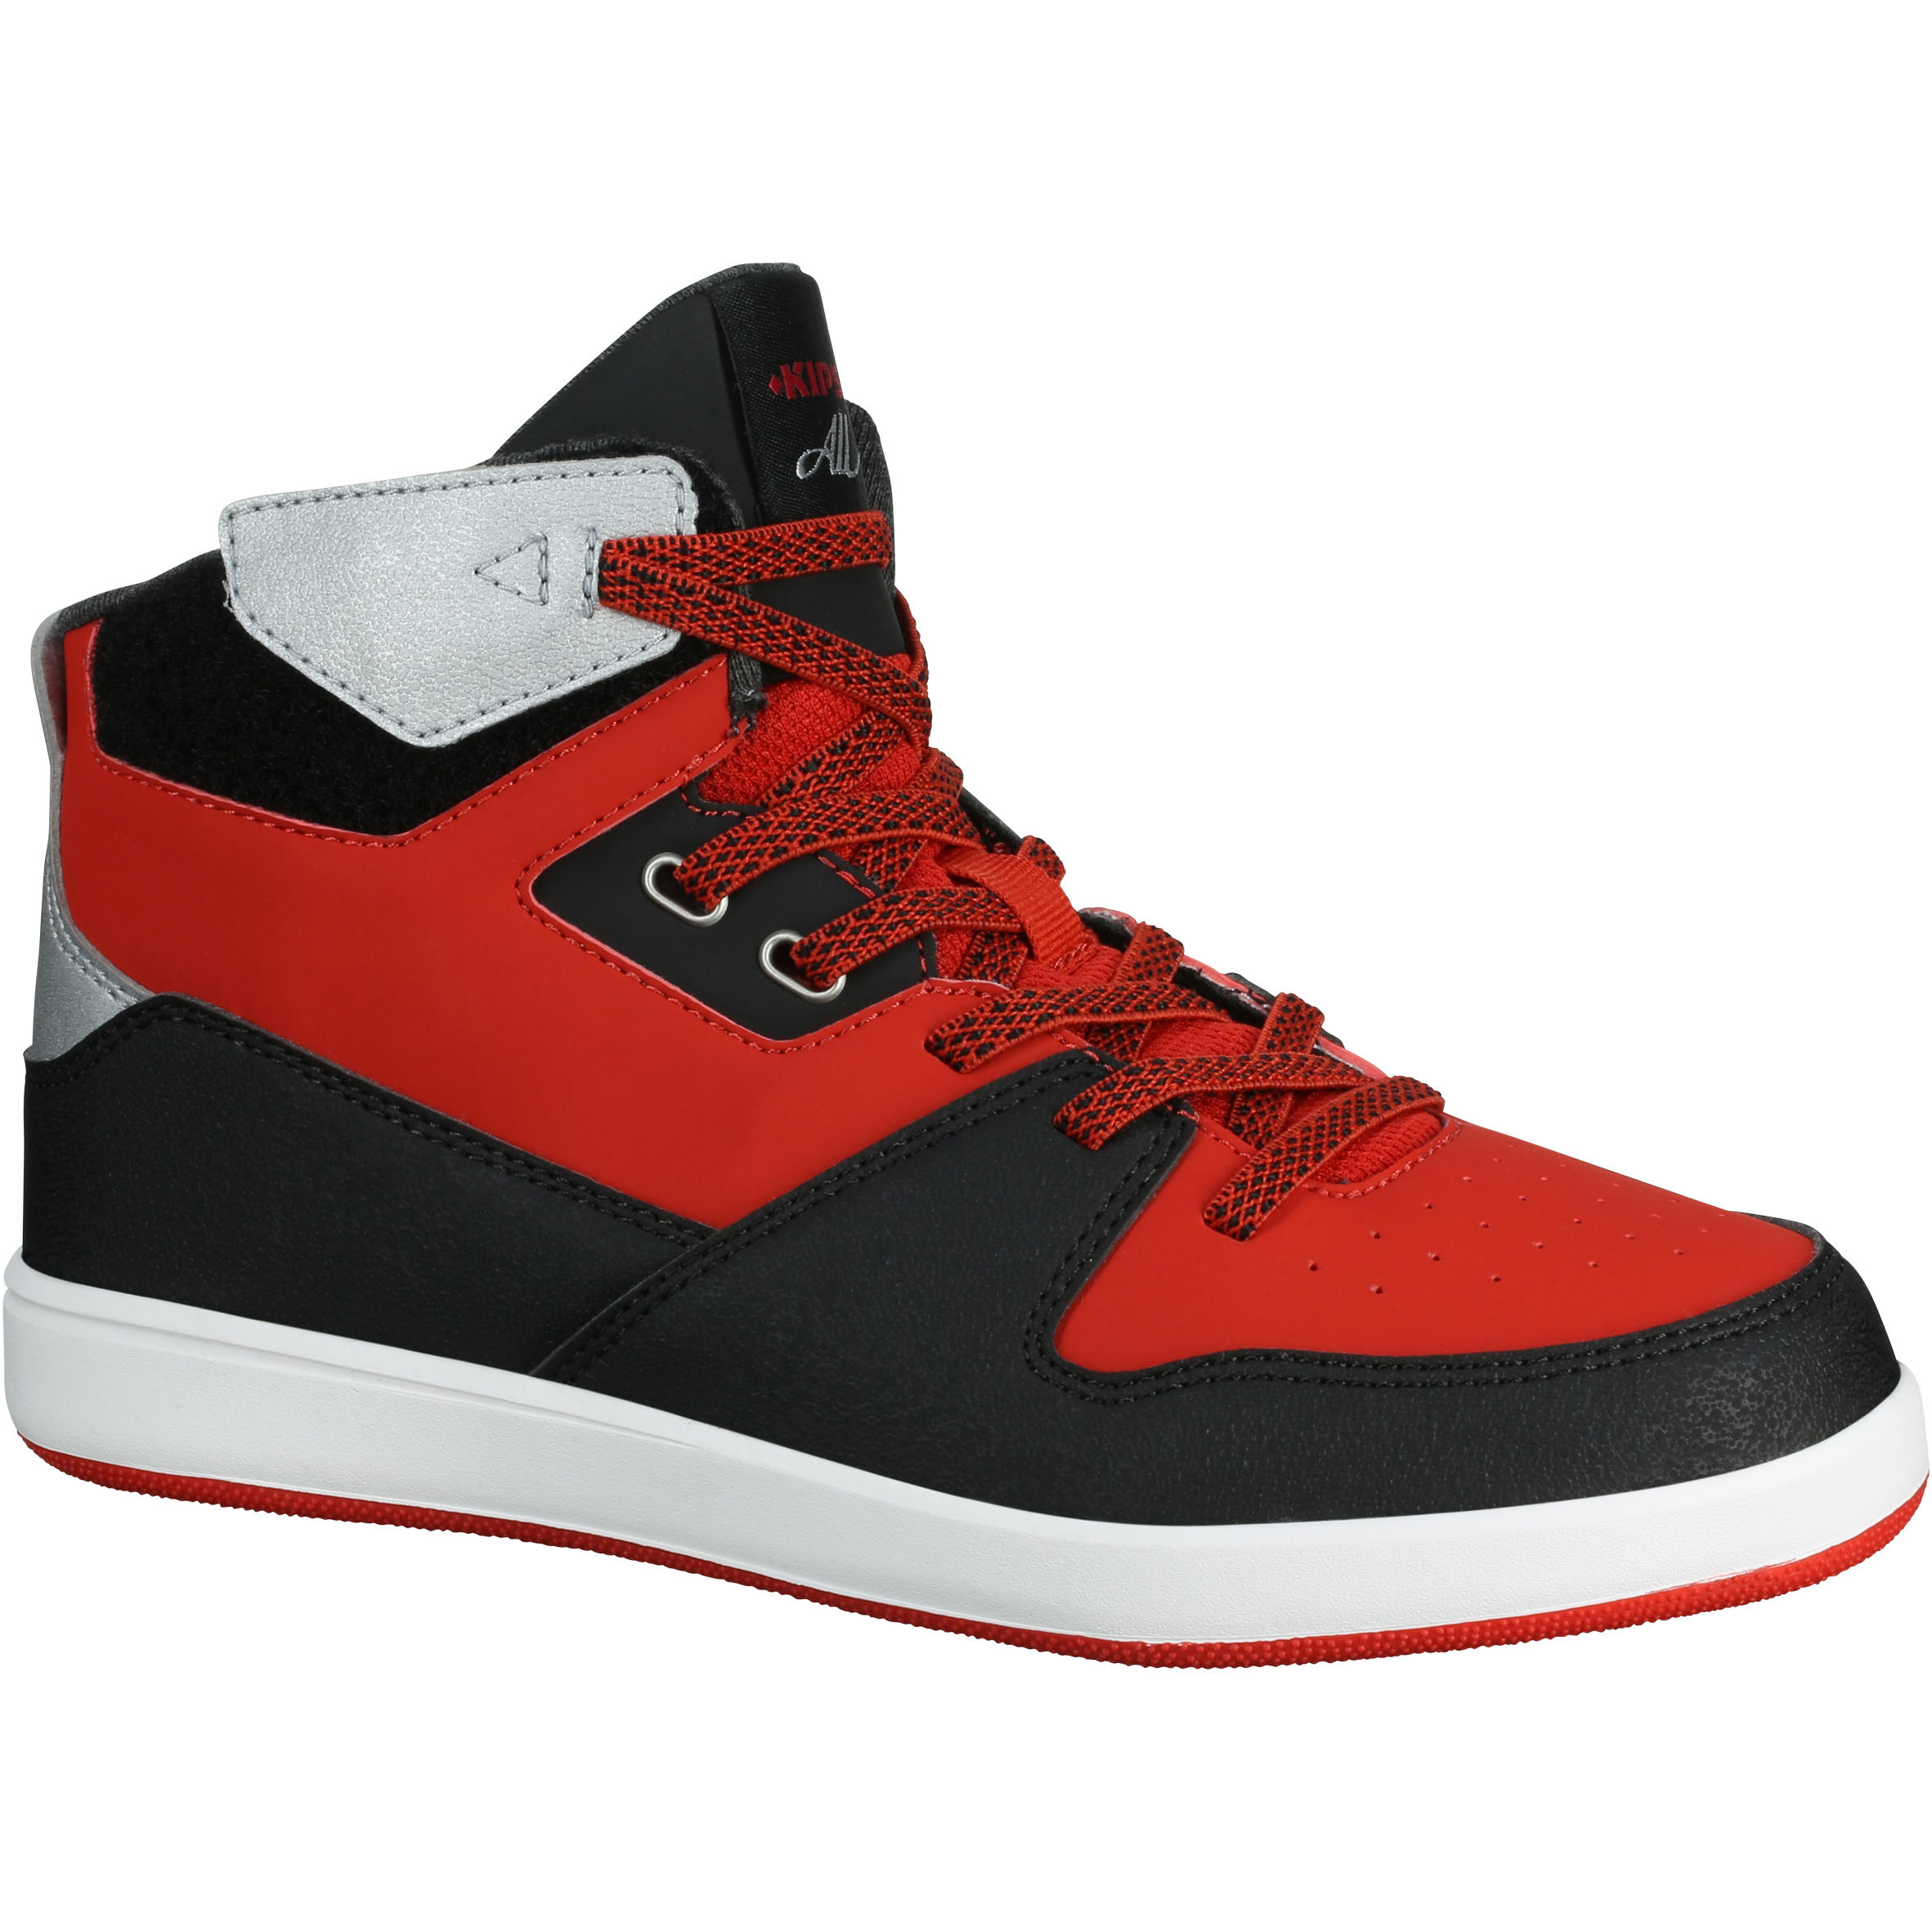 855b72edb86 chaussure nike mini foot